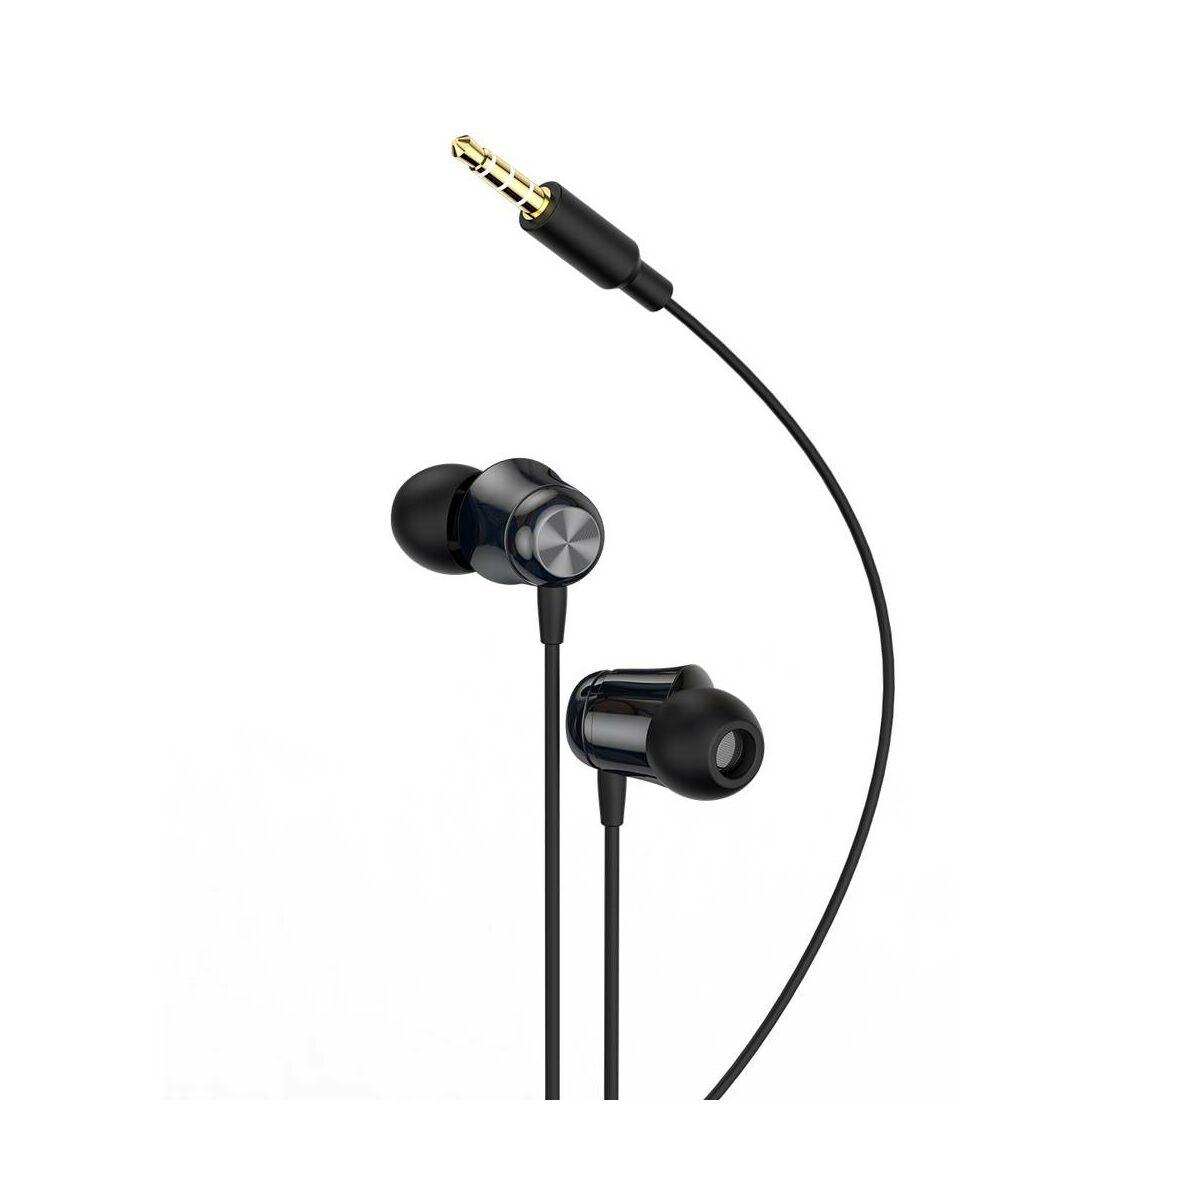 Baseus fülhallgató, Encok H13, vezetékes, vezérlővel, fekete (NGH13-01)